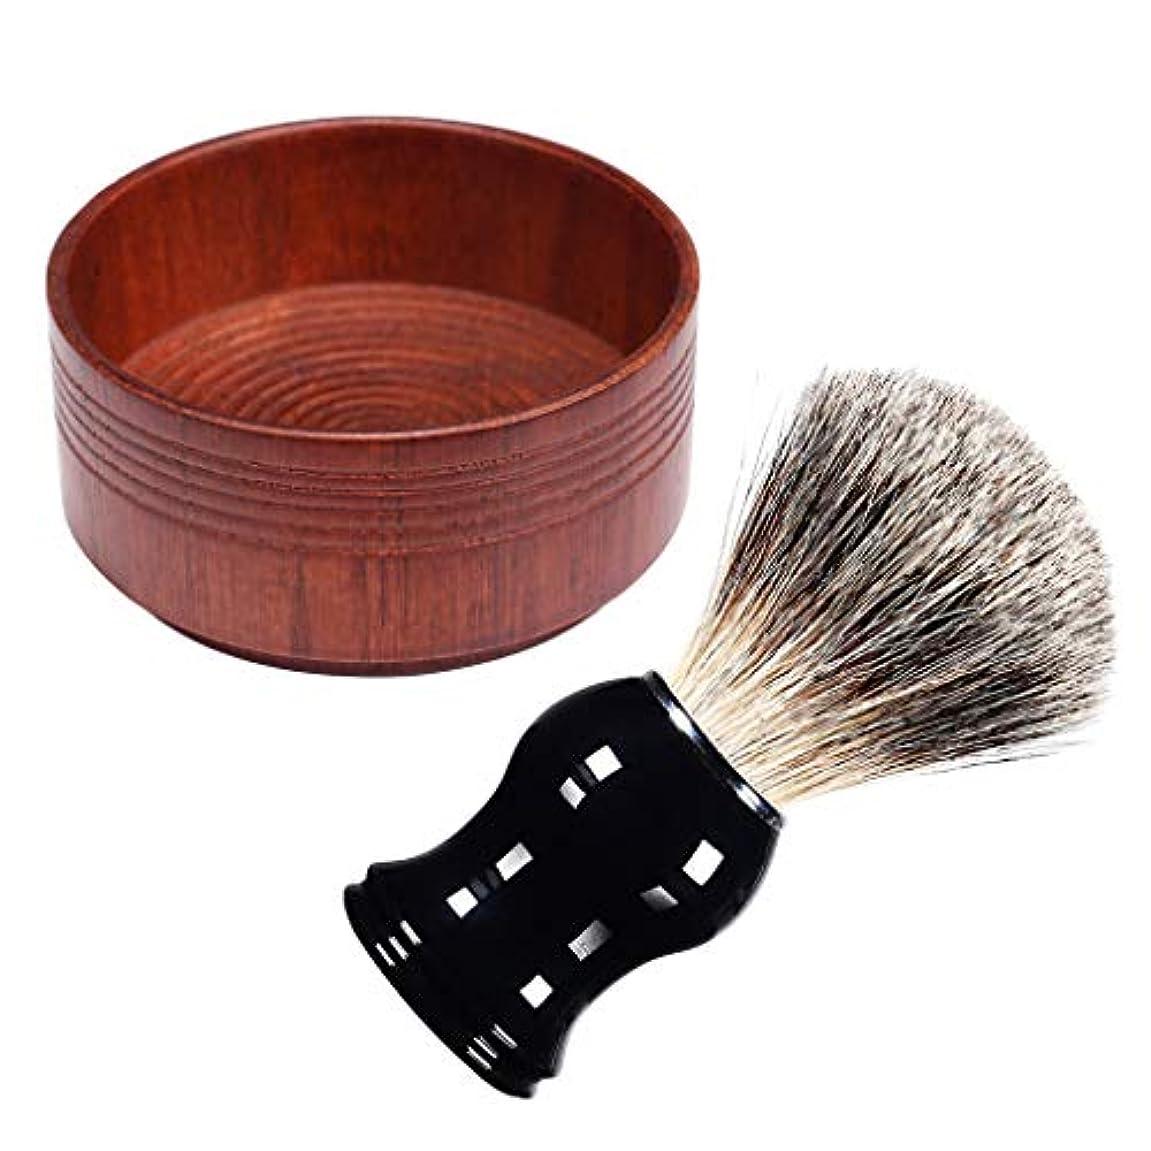 革命ジャケット飲食店Perfeclan シェービングブラシ シェービングボウル メンズ用 理容 洗顔 髭剃り メンズ 実用的 全3スタイル - 02, 説明のとおり